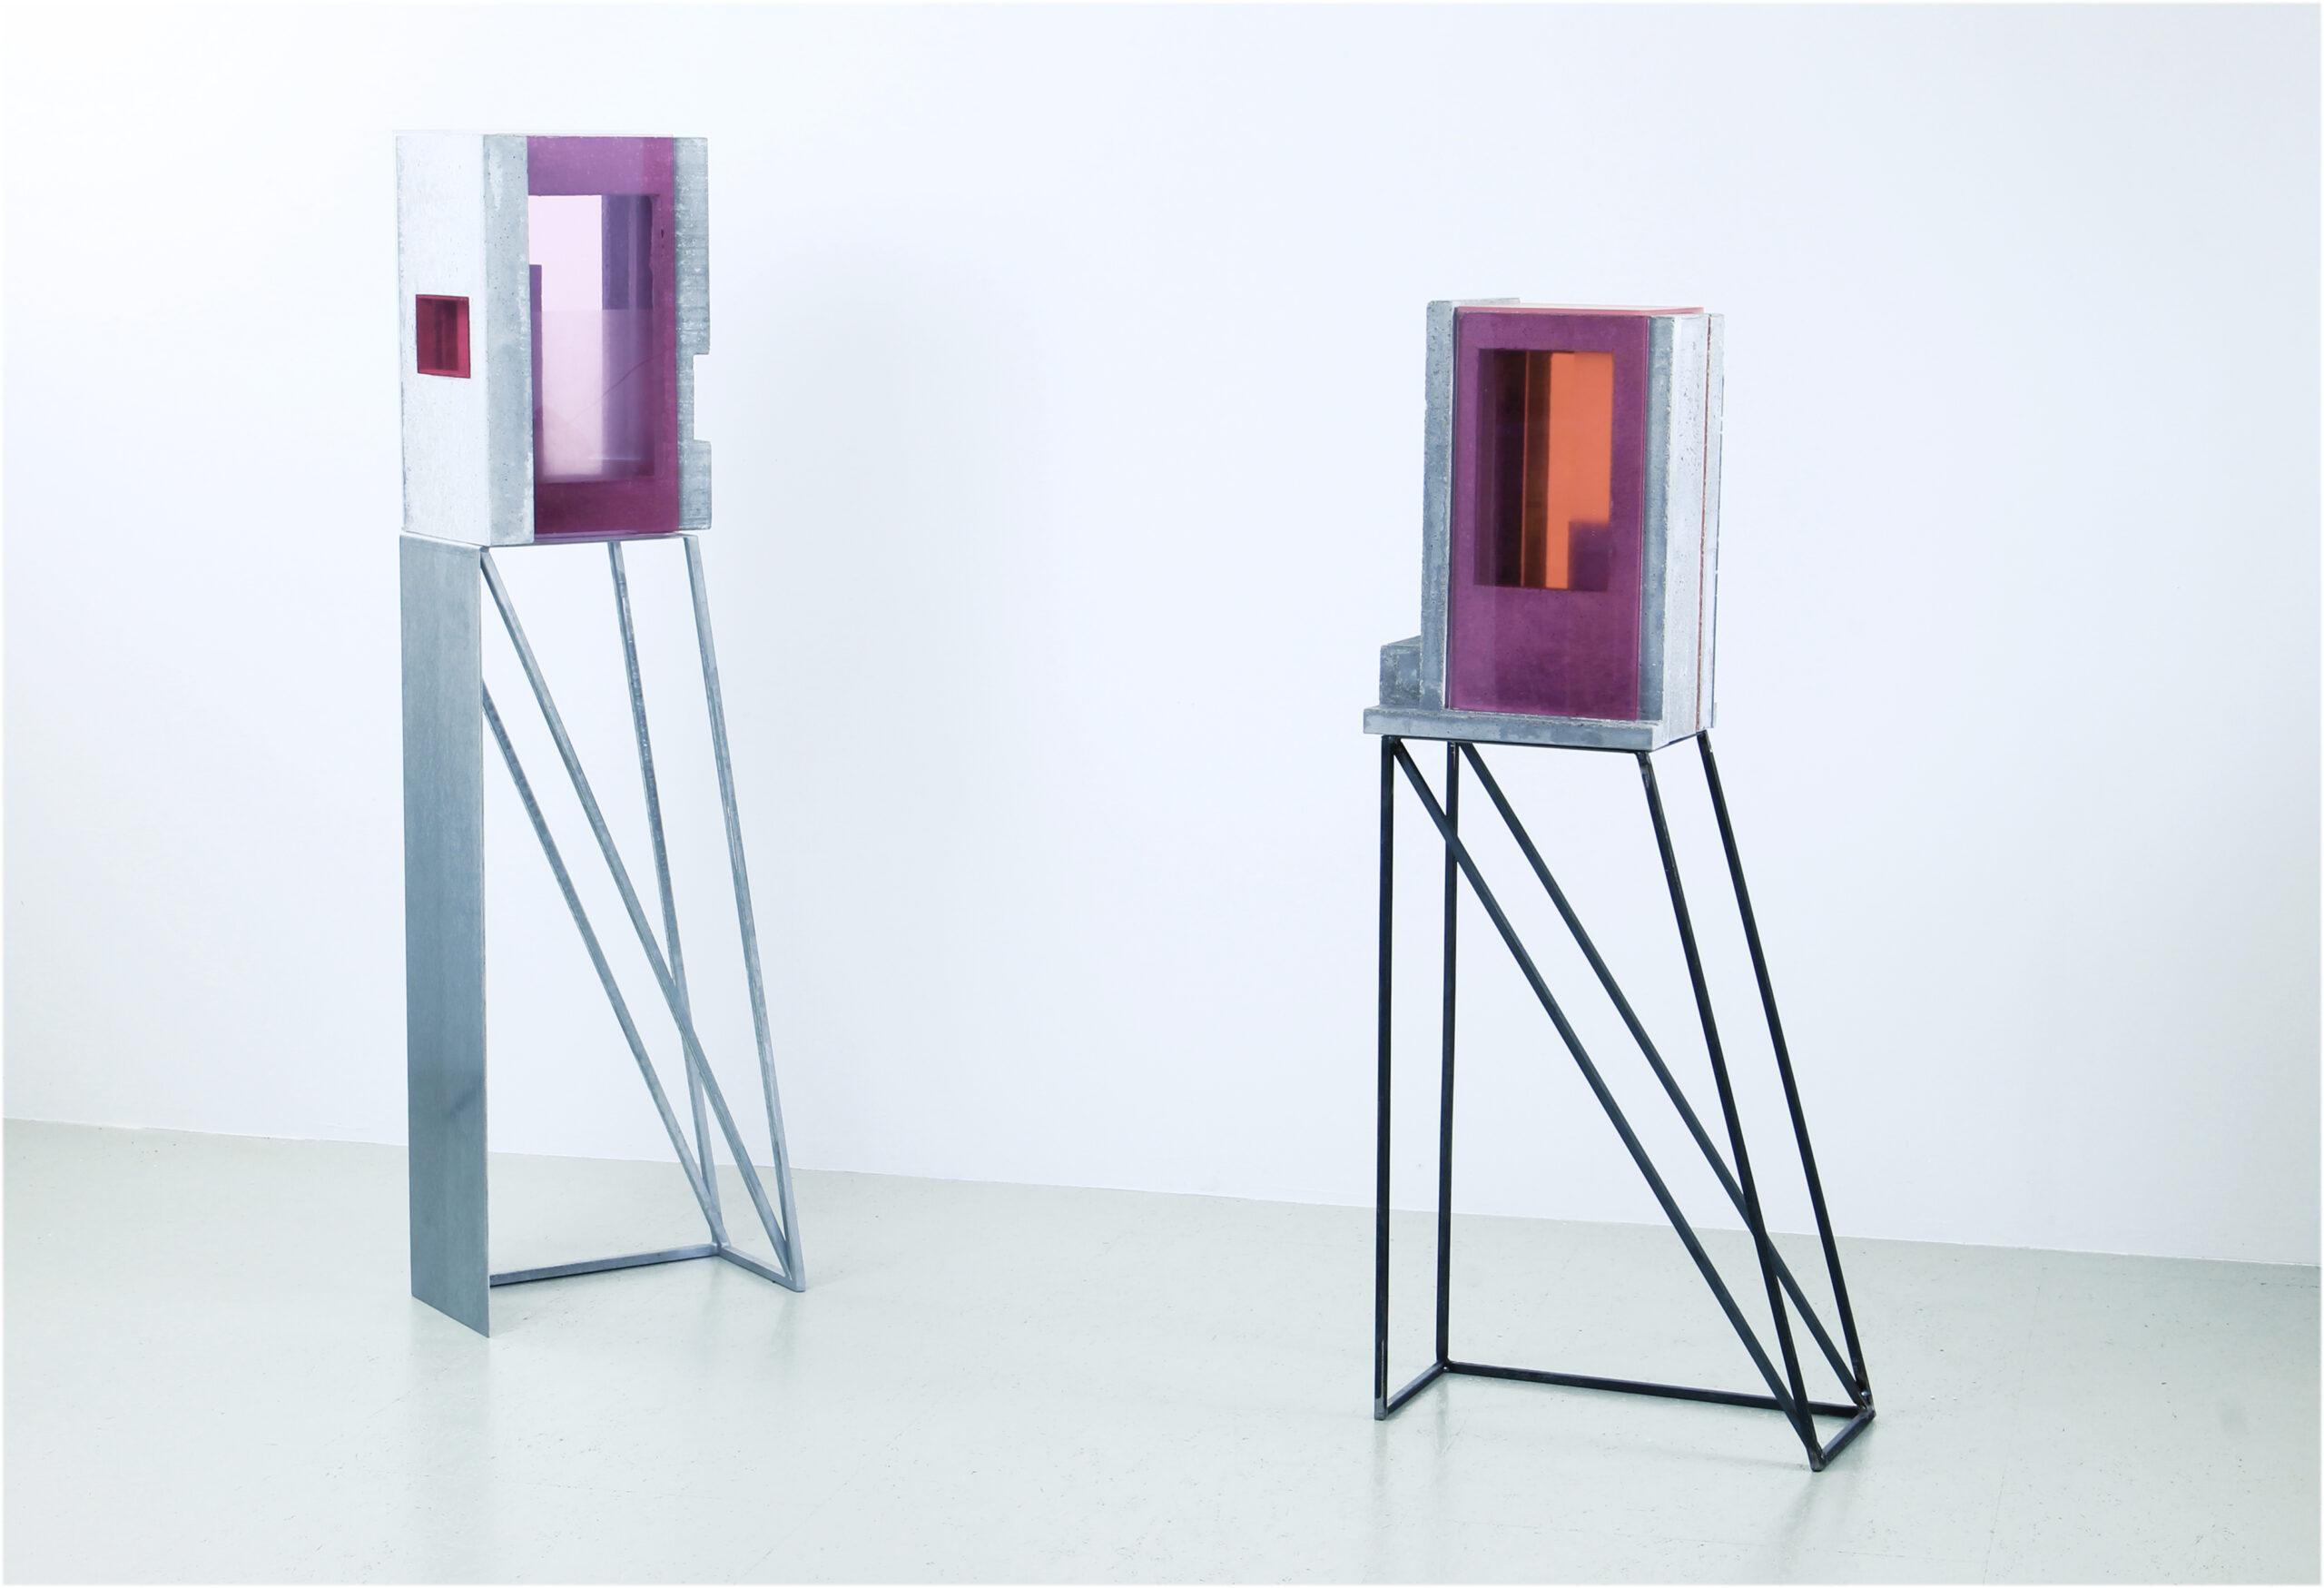 translucide  III+IV | 2020 | Beton, Acrylglas, Metall